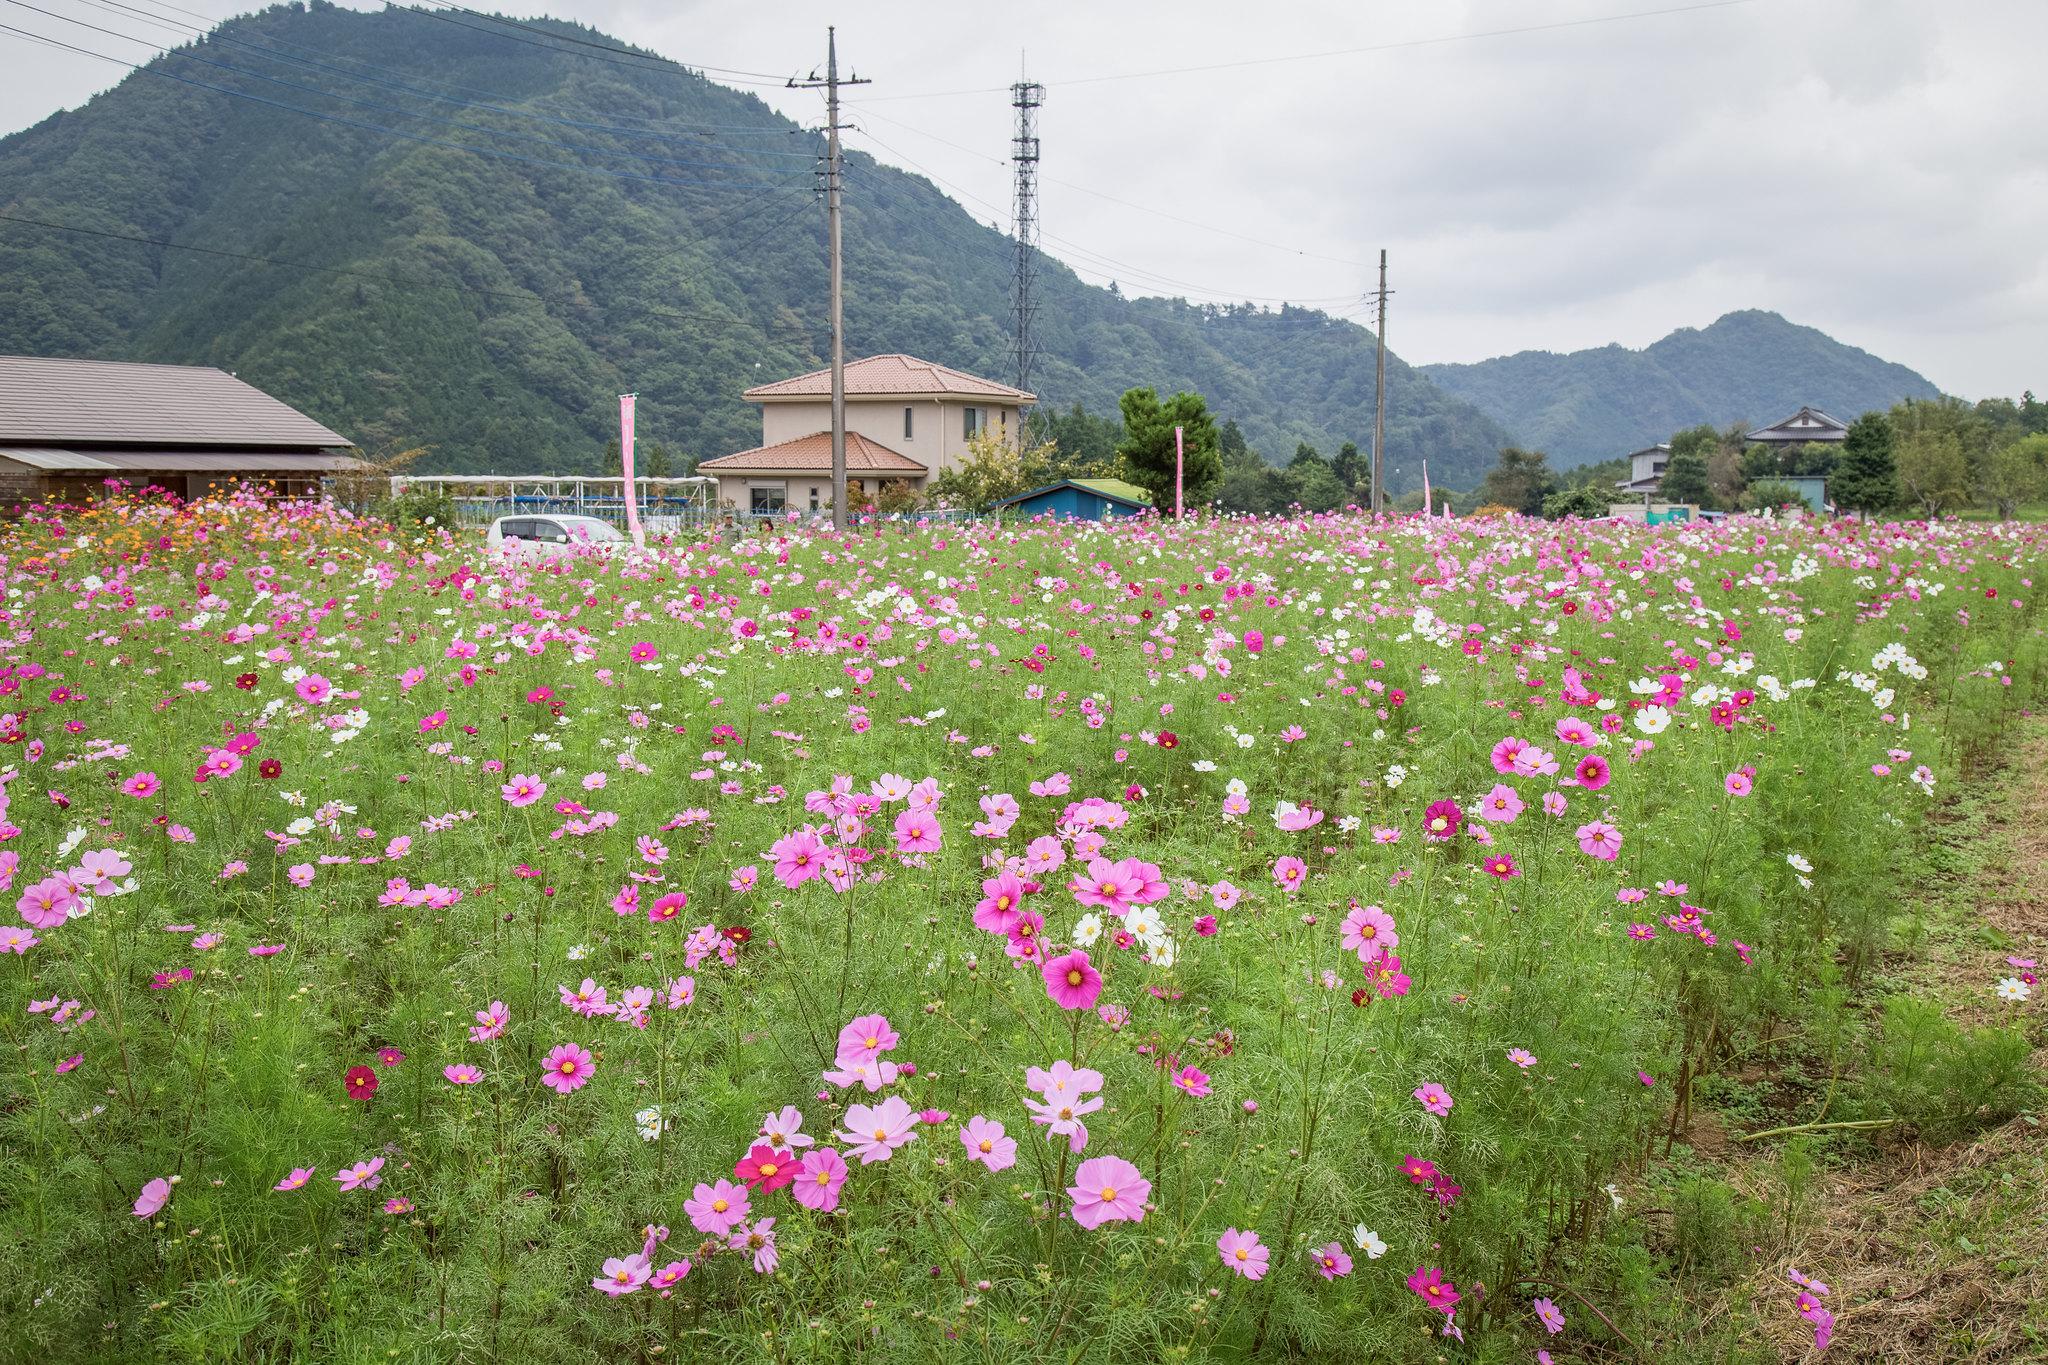 2014-10-12 神之川キャンプ場と青根コスモス園 005